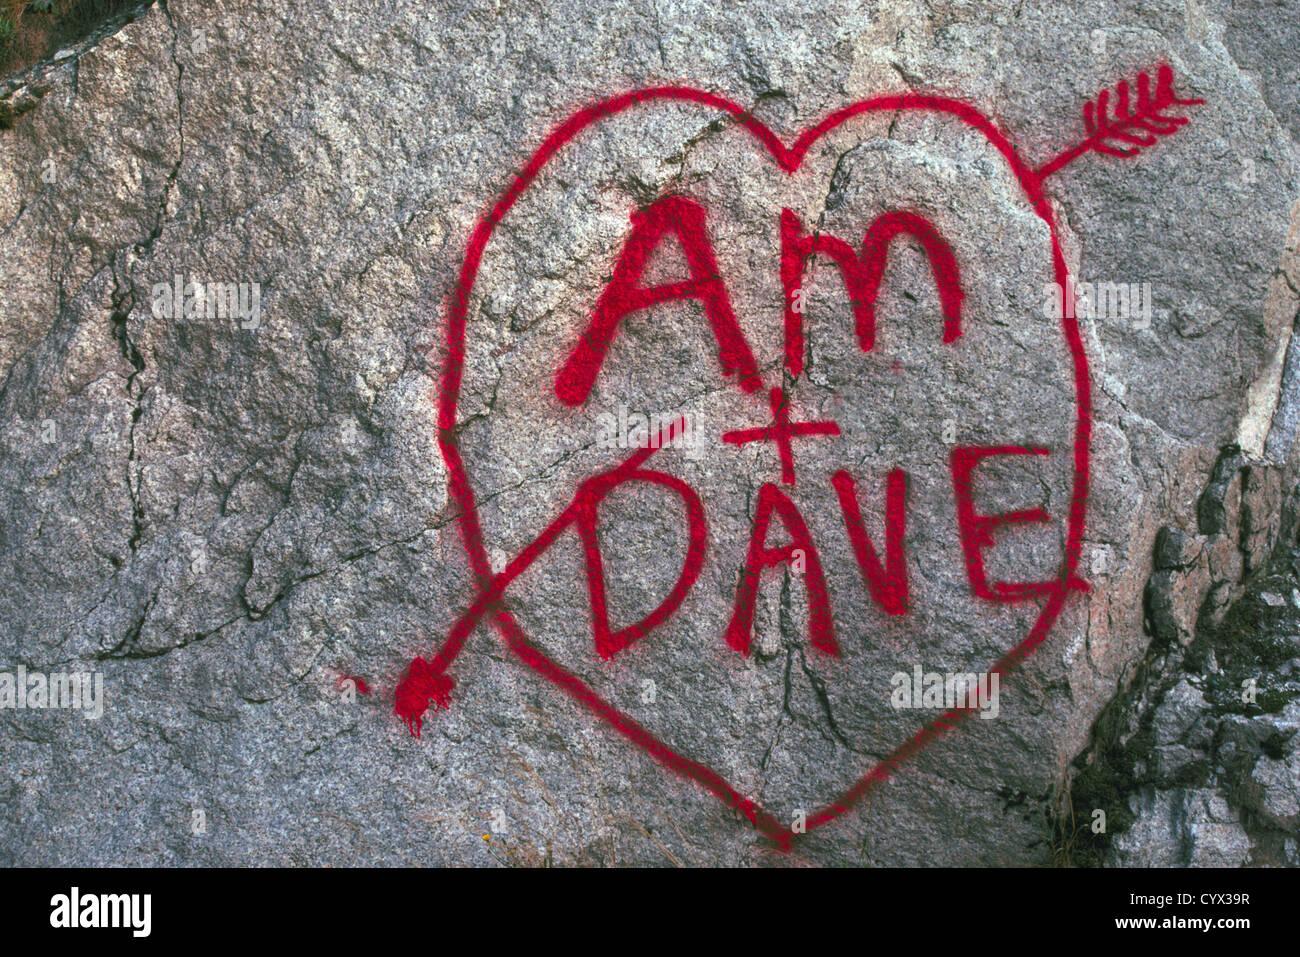 Wahre Liebe Herz Und Romantik Namen Und Initialen Geschrieben In